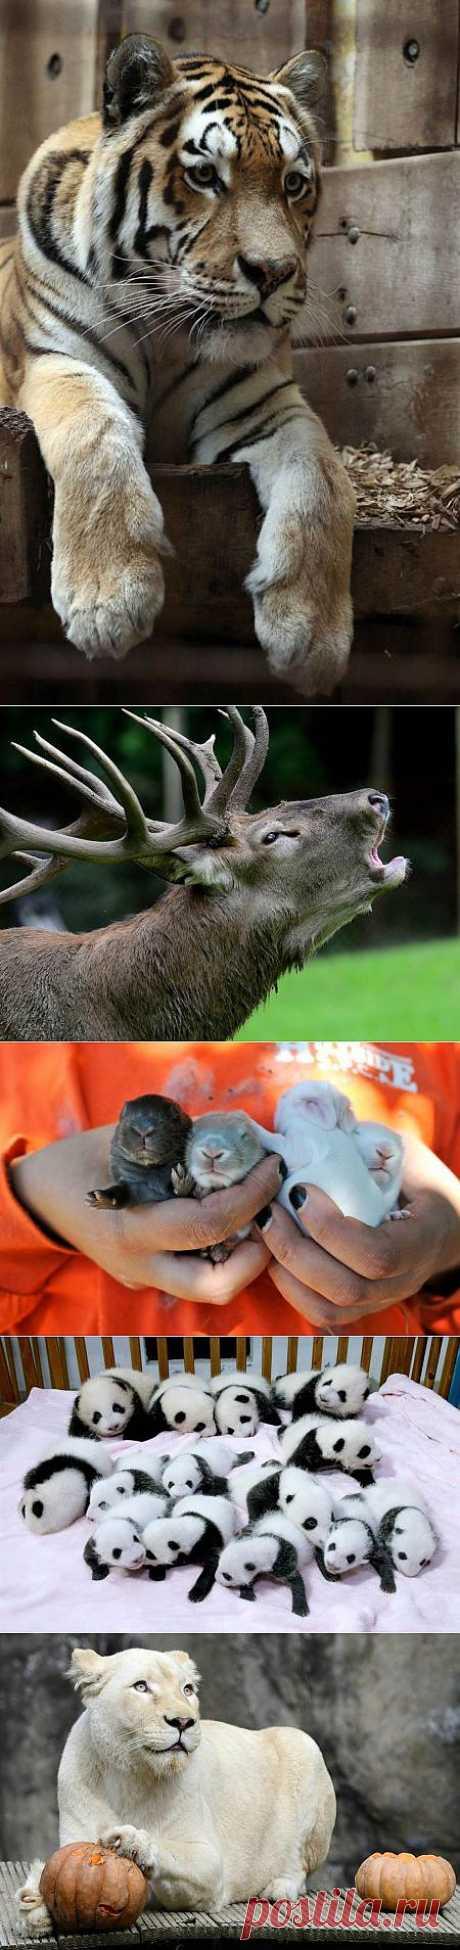 Животный мир в фотографиях (14 шт) » Зооблог.ру - Забавные Животные